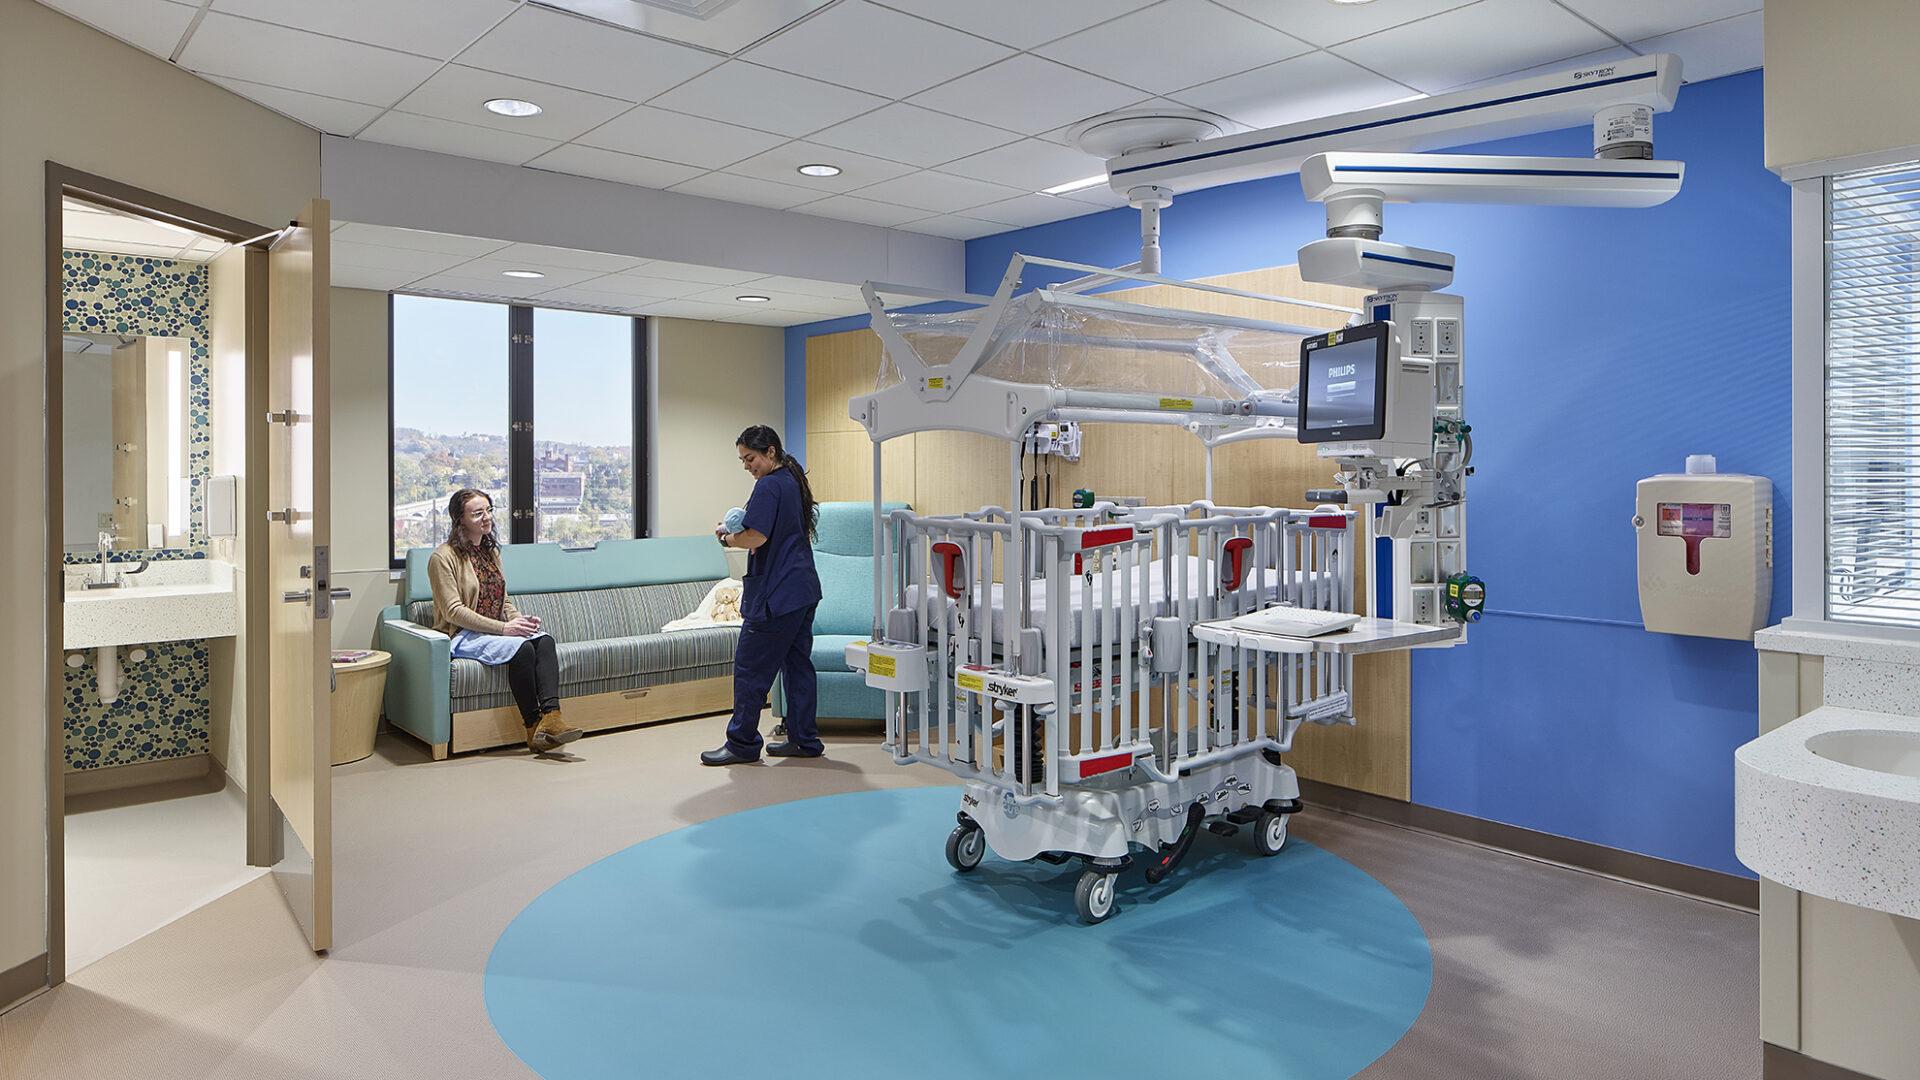 New Pediatric Unit at UPMC Harrisburg